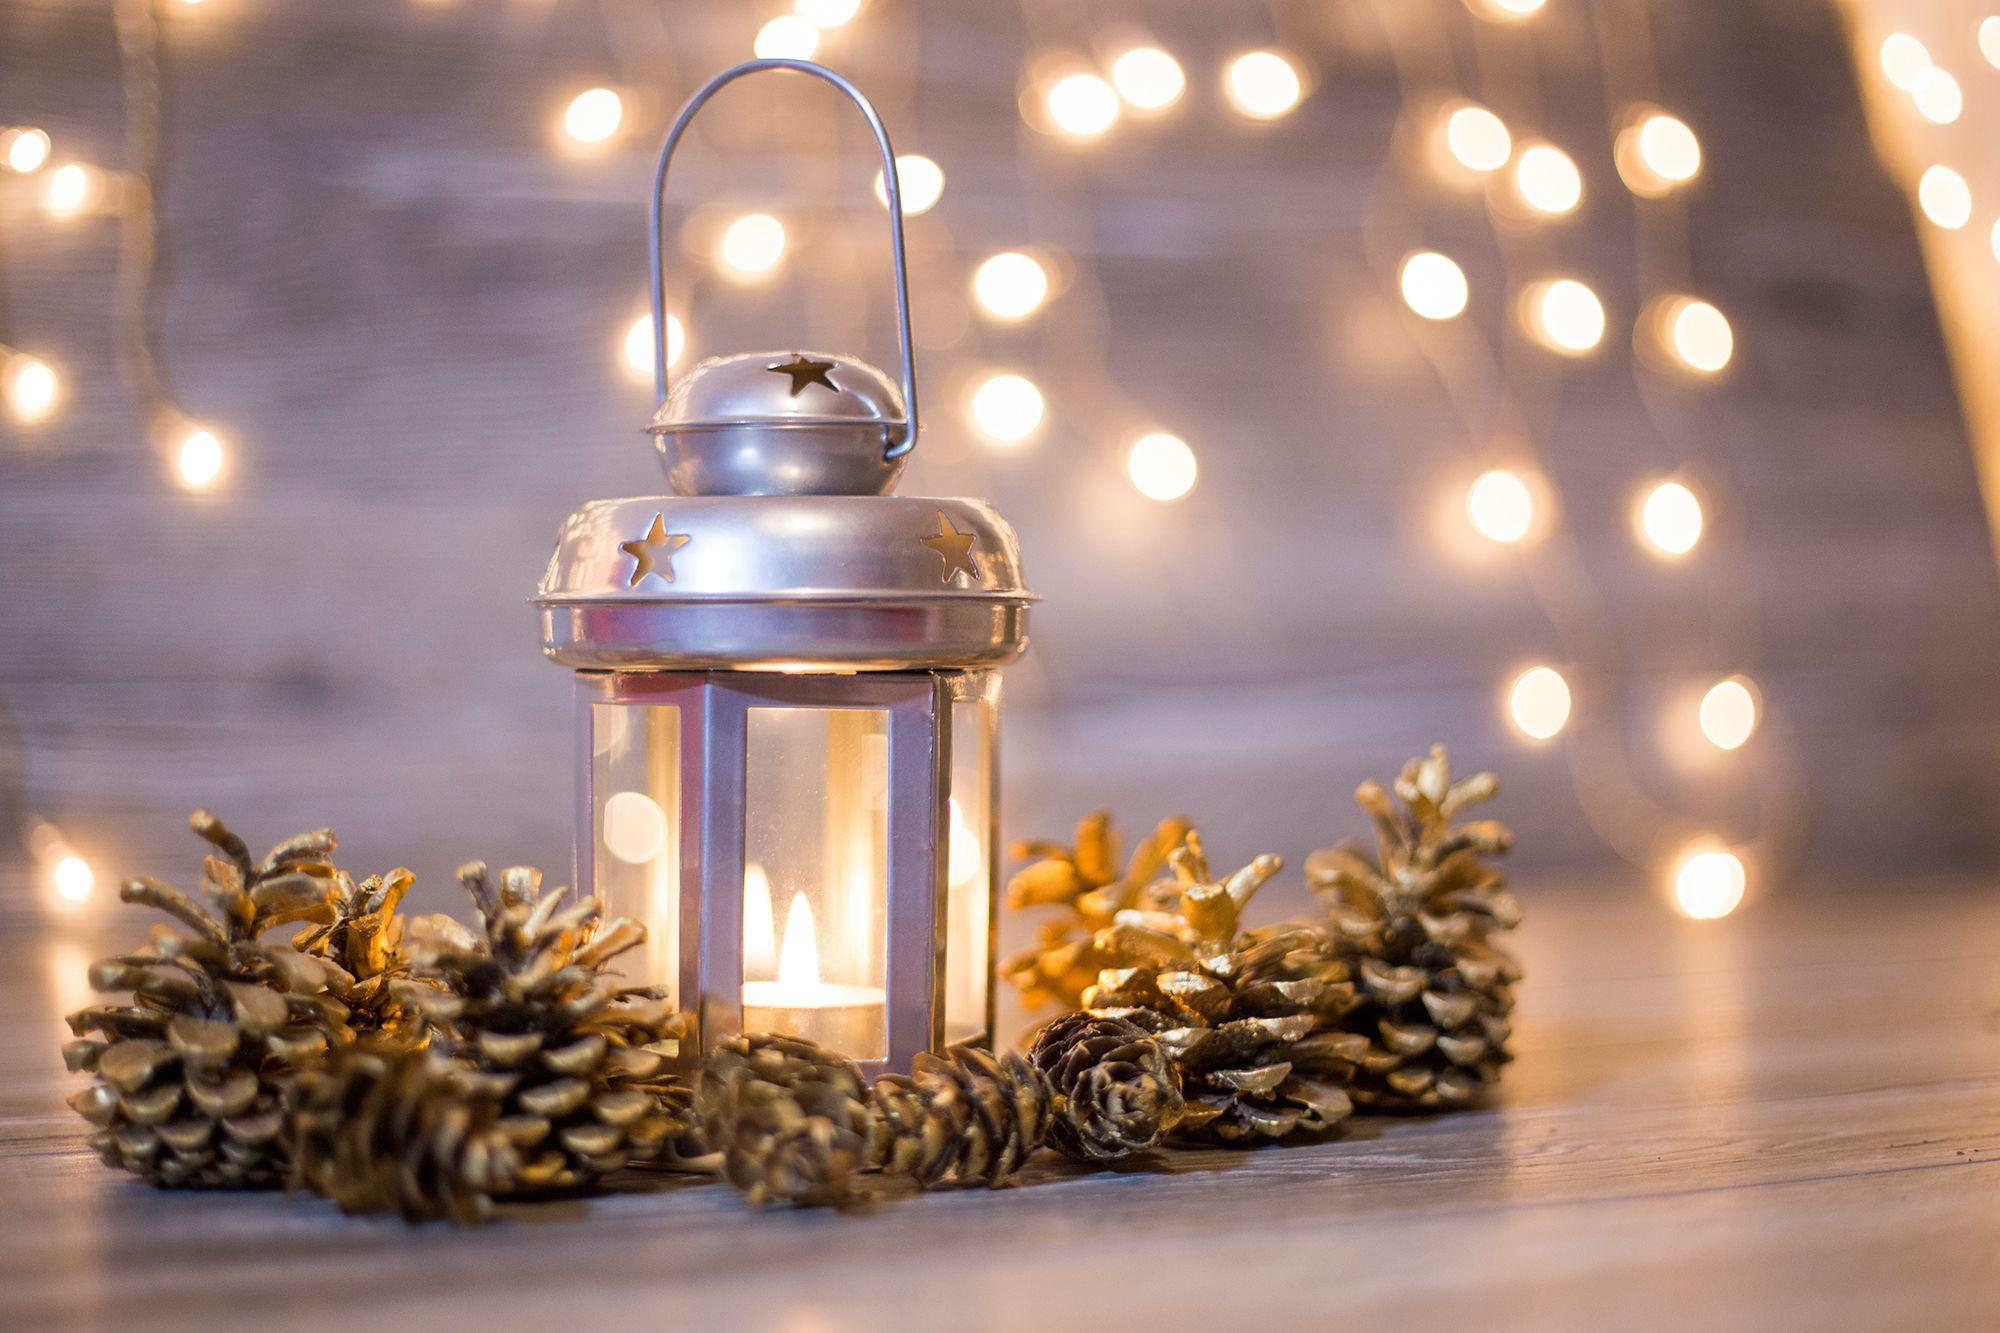 décorer la chambre de style nordique - bougies